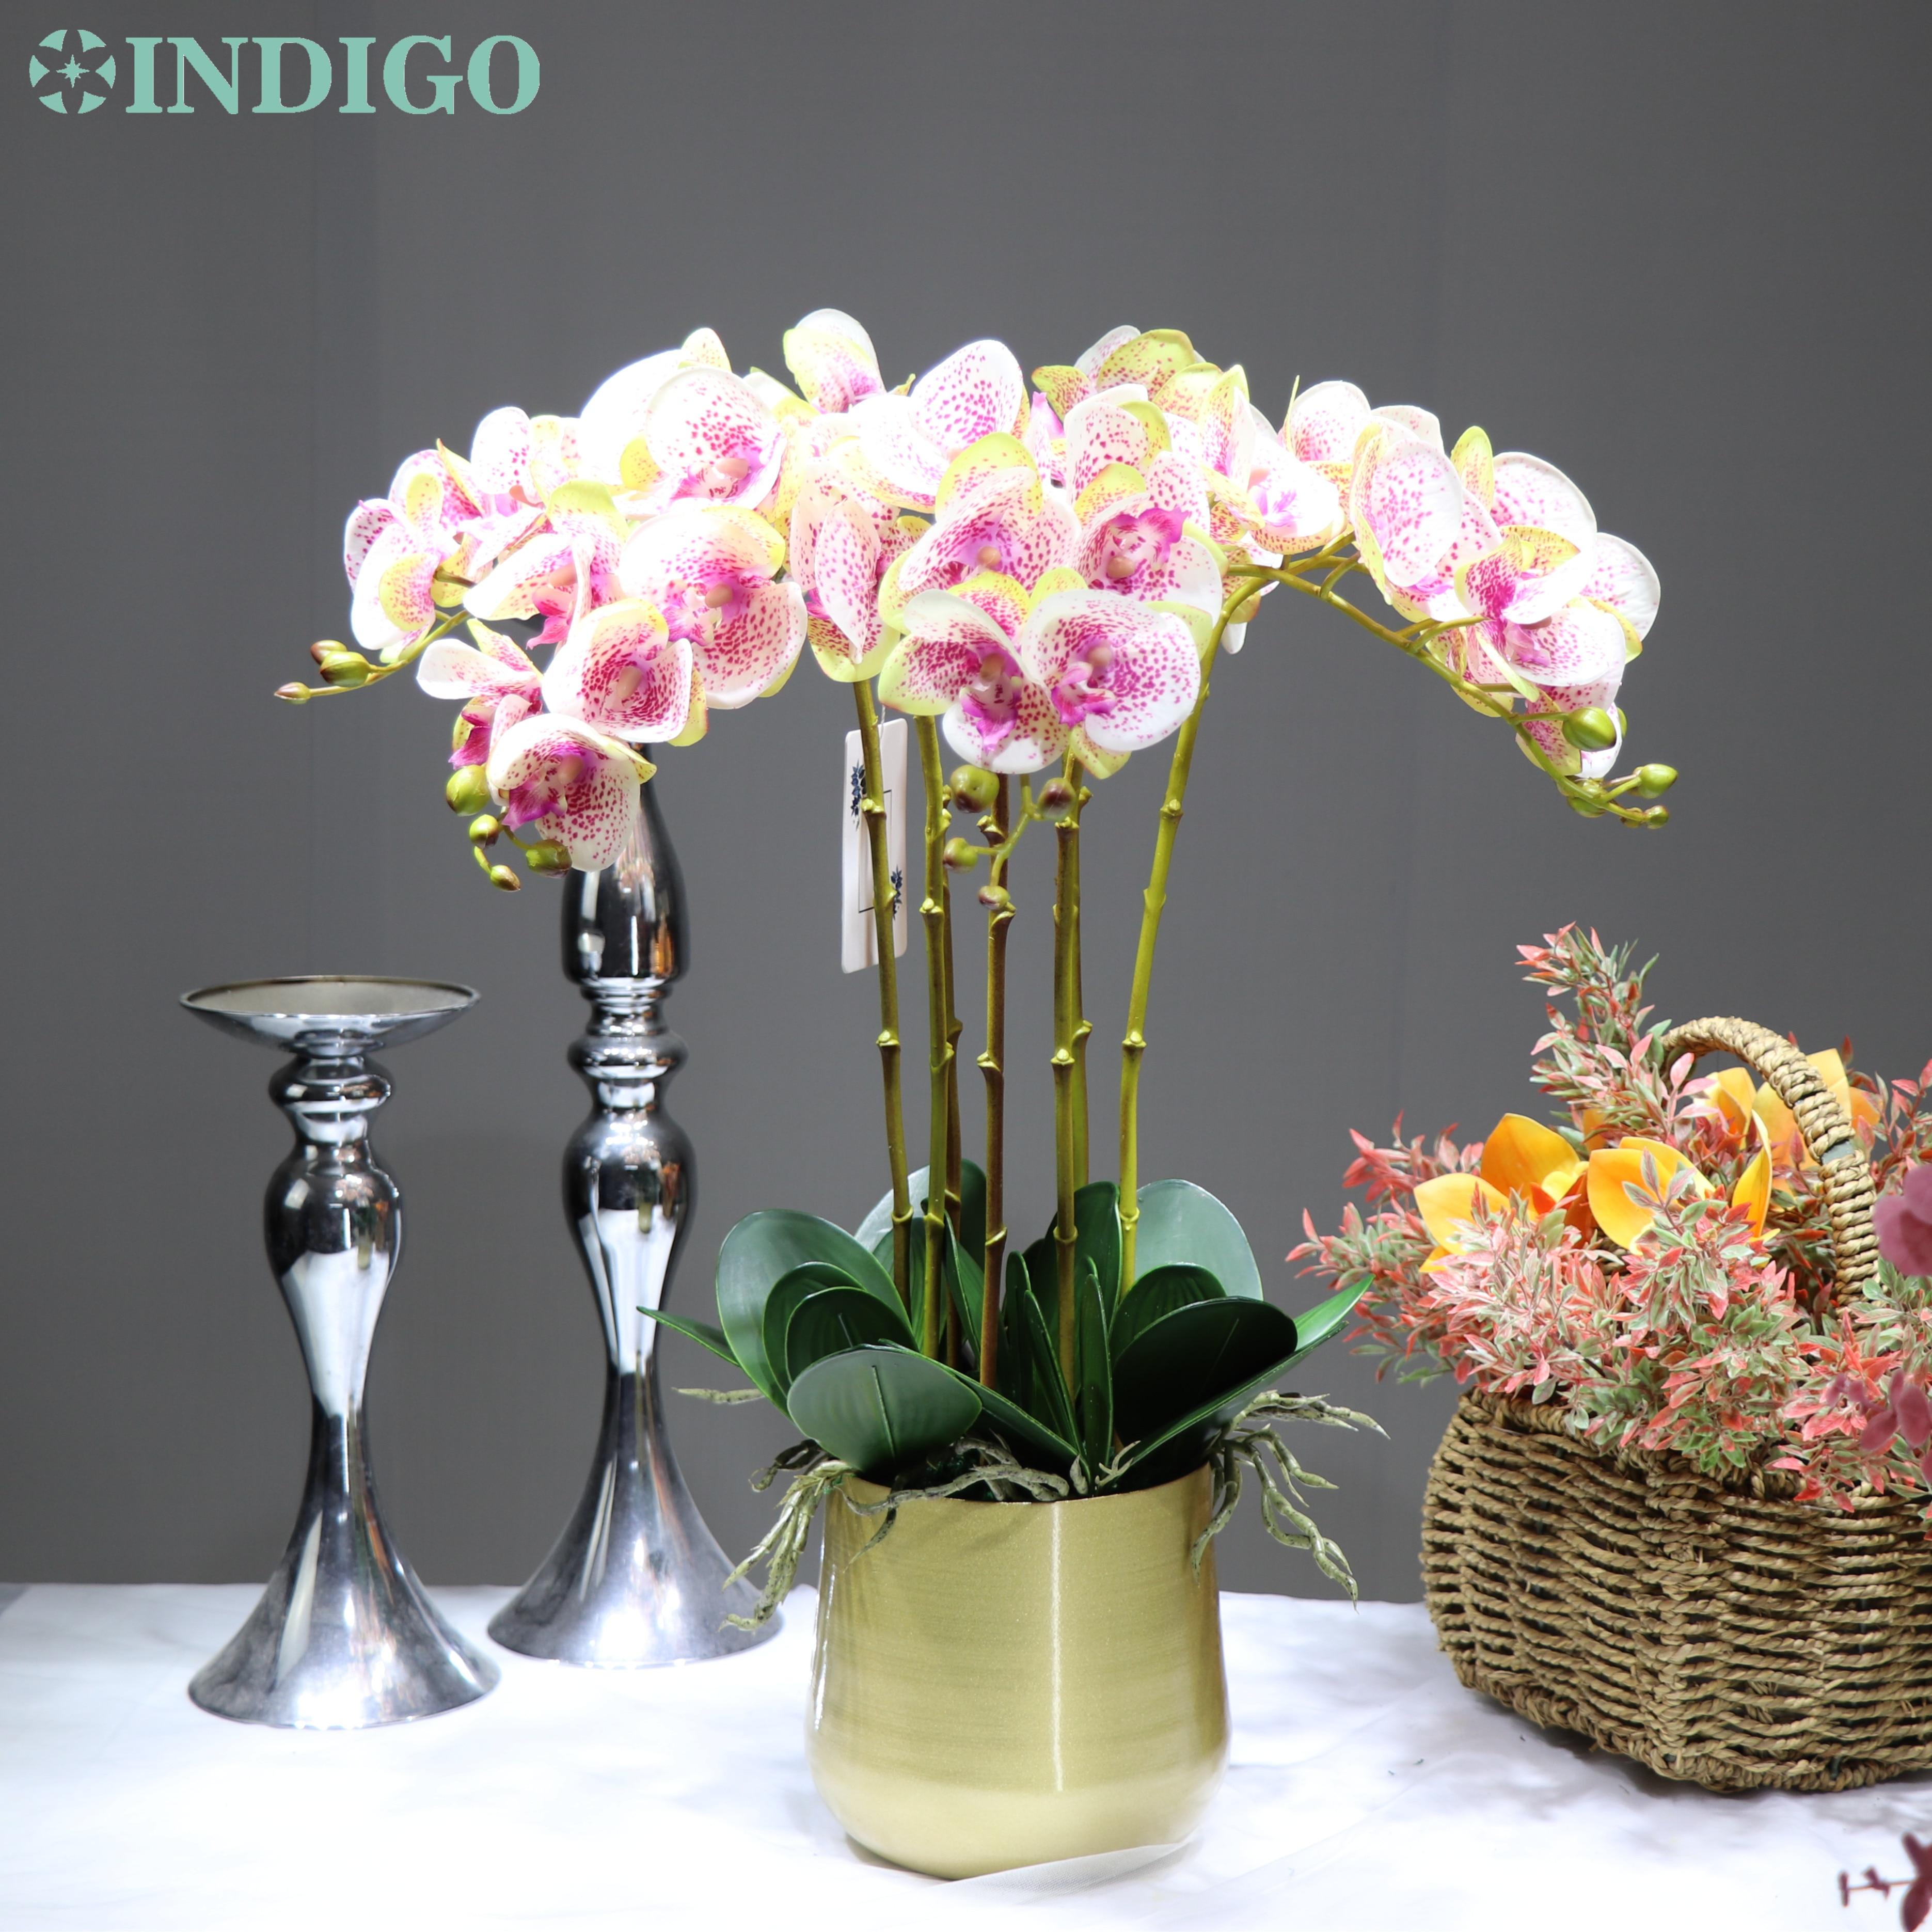 Indigo-(1 conjunto com pote) diy arranjo de flores ásia orquídeas verdadeiro toque mesa de casamento peça central festa flor evento frete grátis